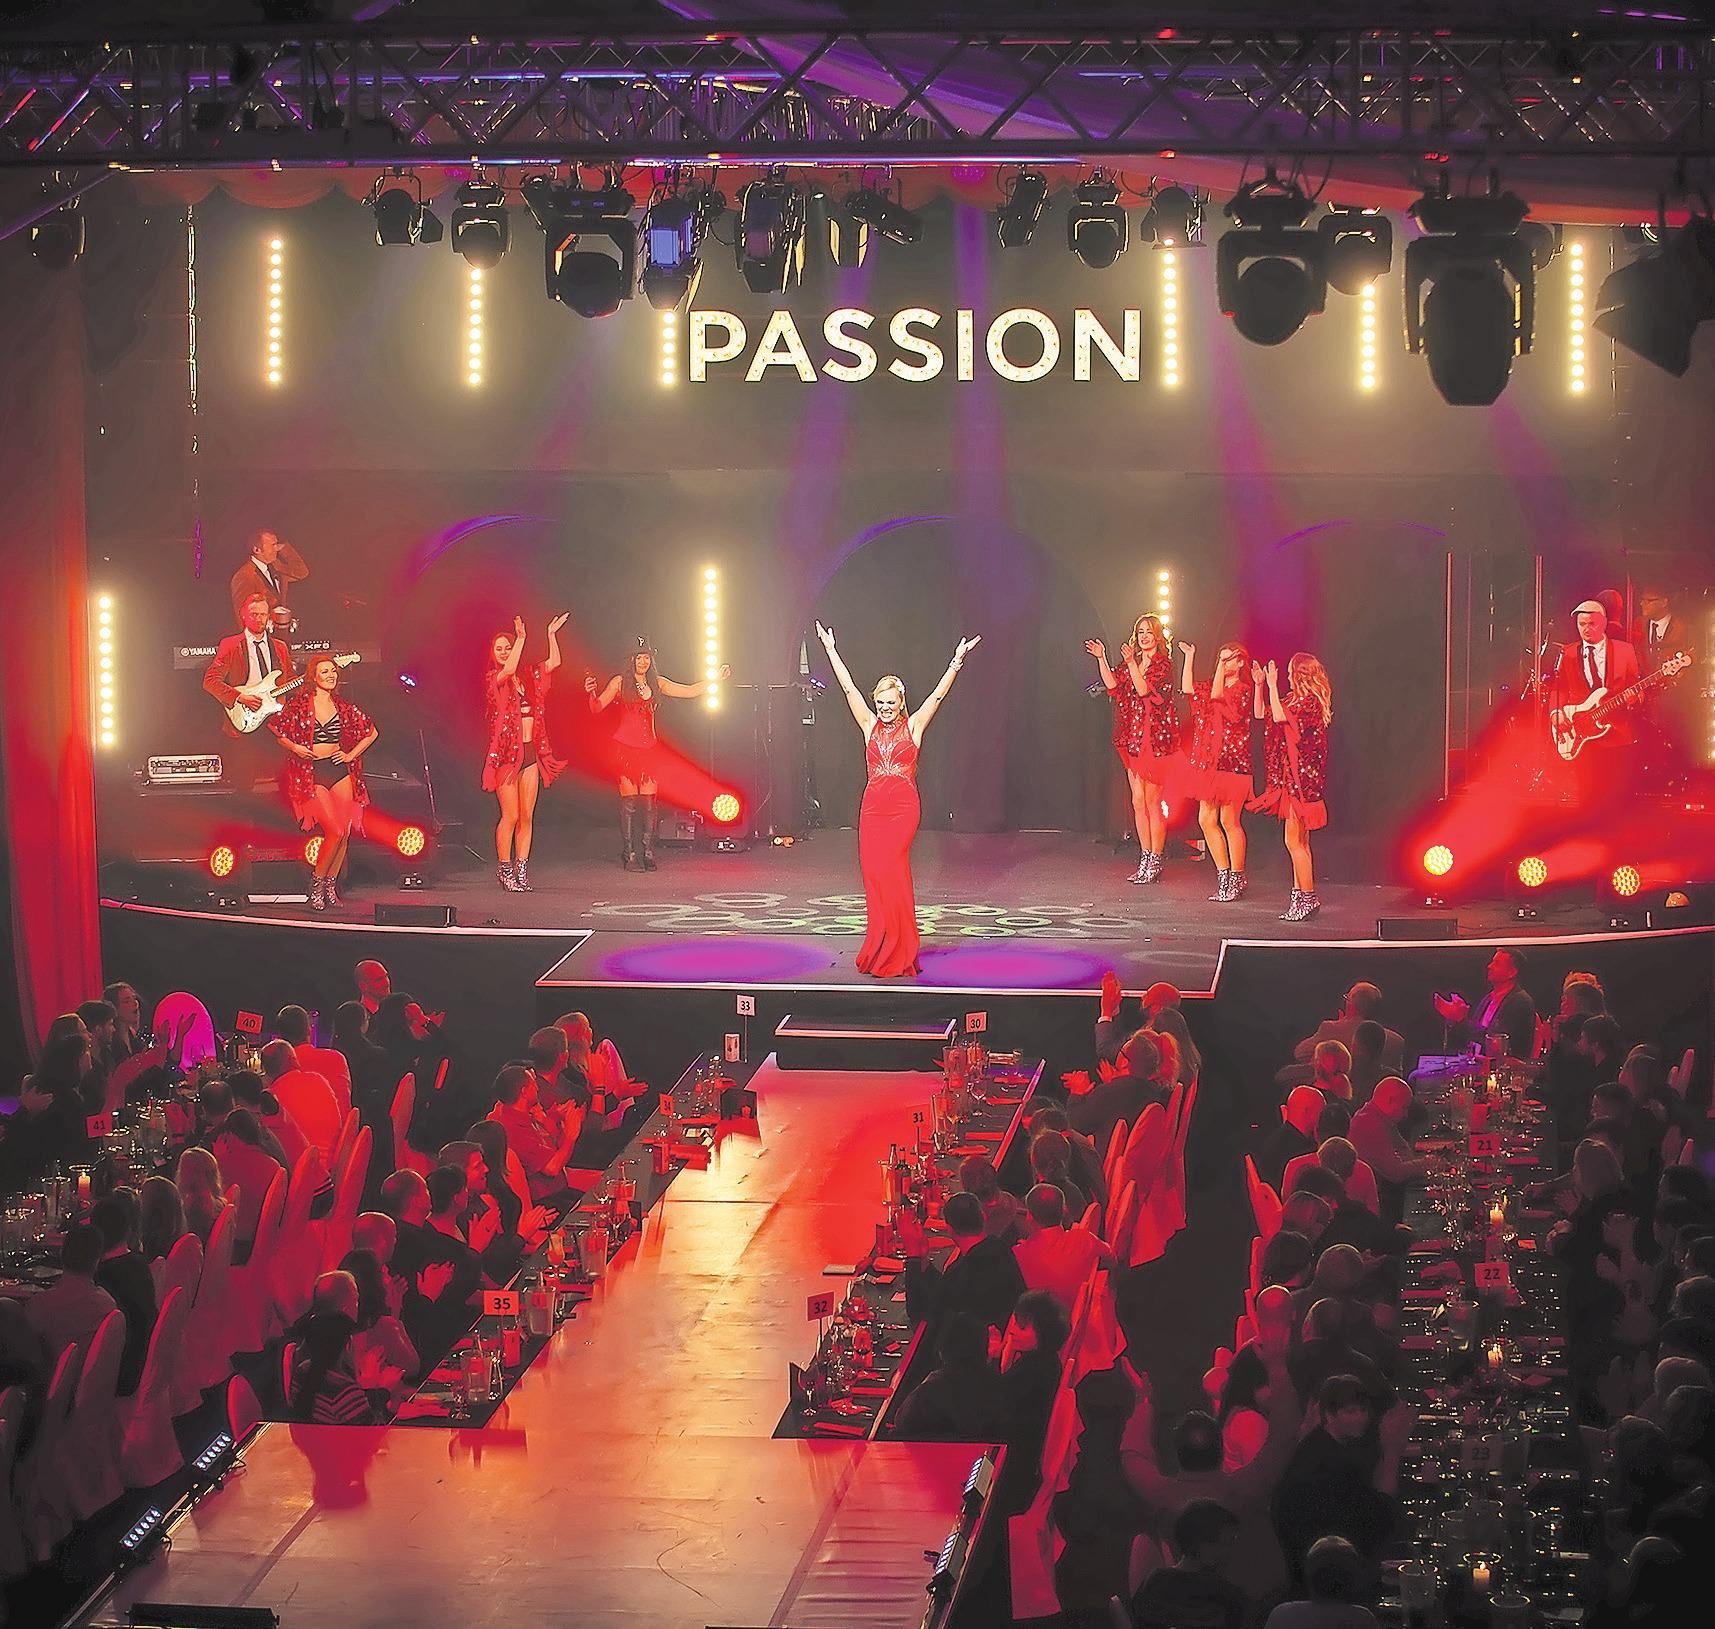 """Premiere Dinnershow """"Passion"""" im Leipziger Stadtbad. Diva La Kruttke mit Showband Nightfever und Showballett Tabasco Dos Foto: P. Kumbier"""